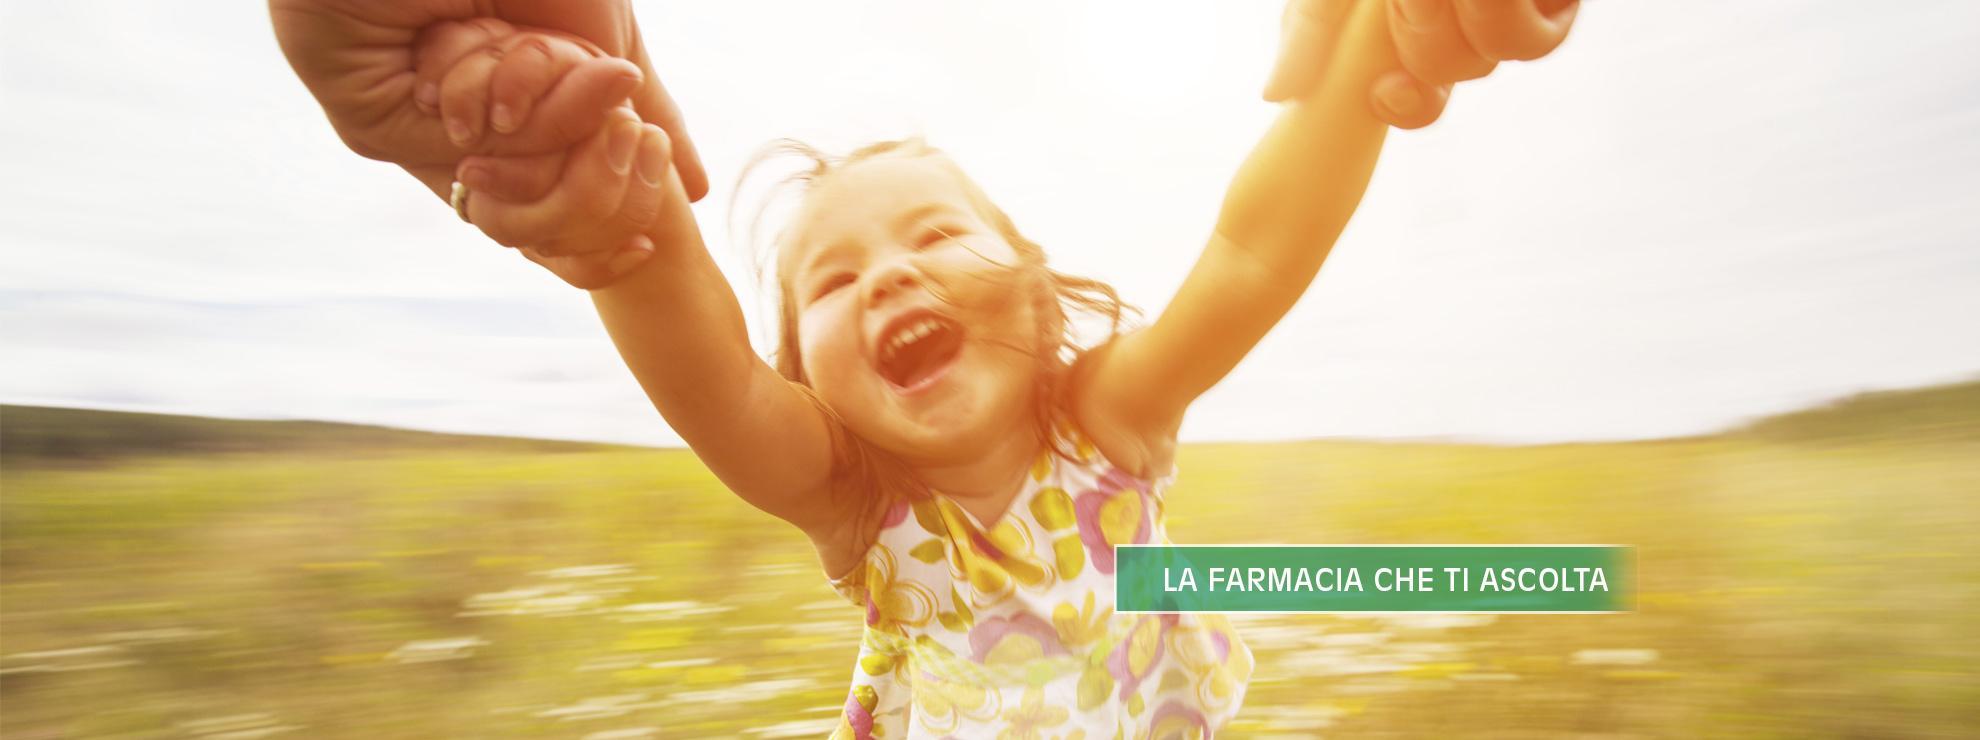 felice bambina con una persona, scritto La Farmacia Che Ti Ascolta